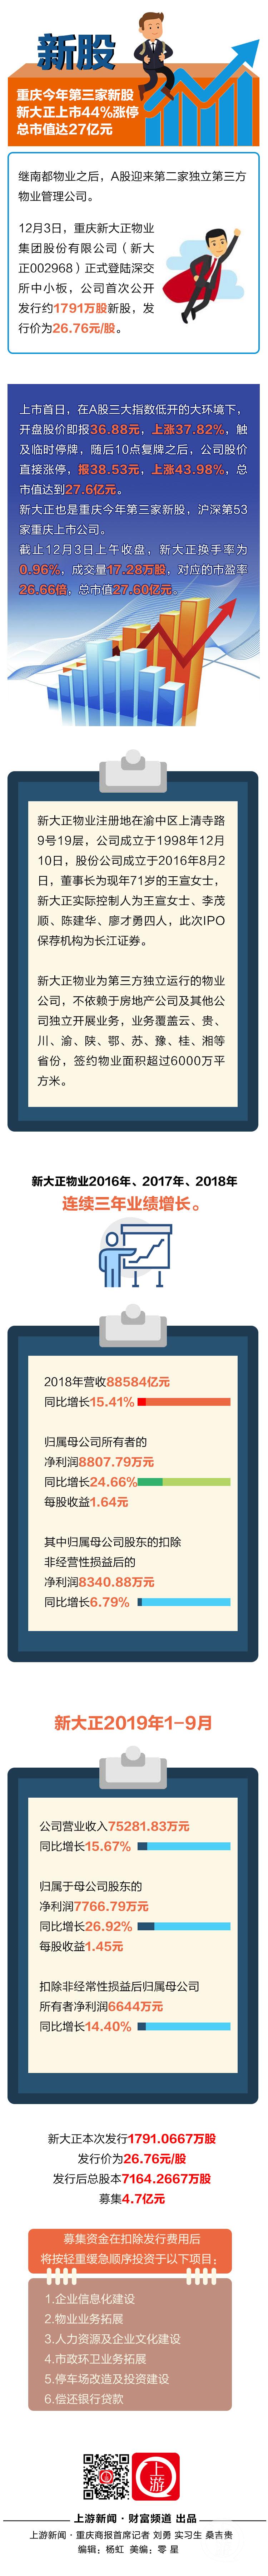 重庆今年第三家新股新大正上市44%涨停.jpg